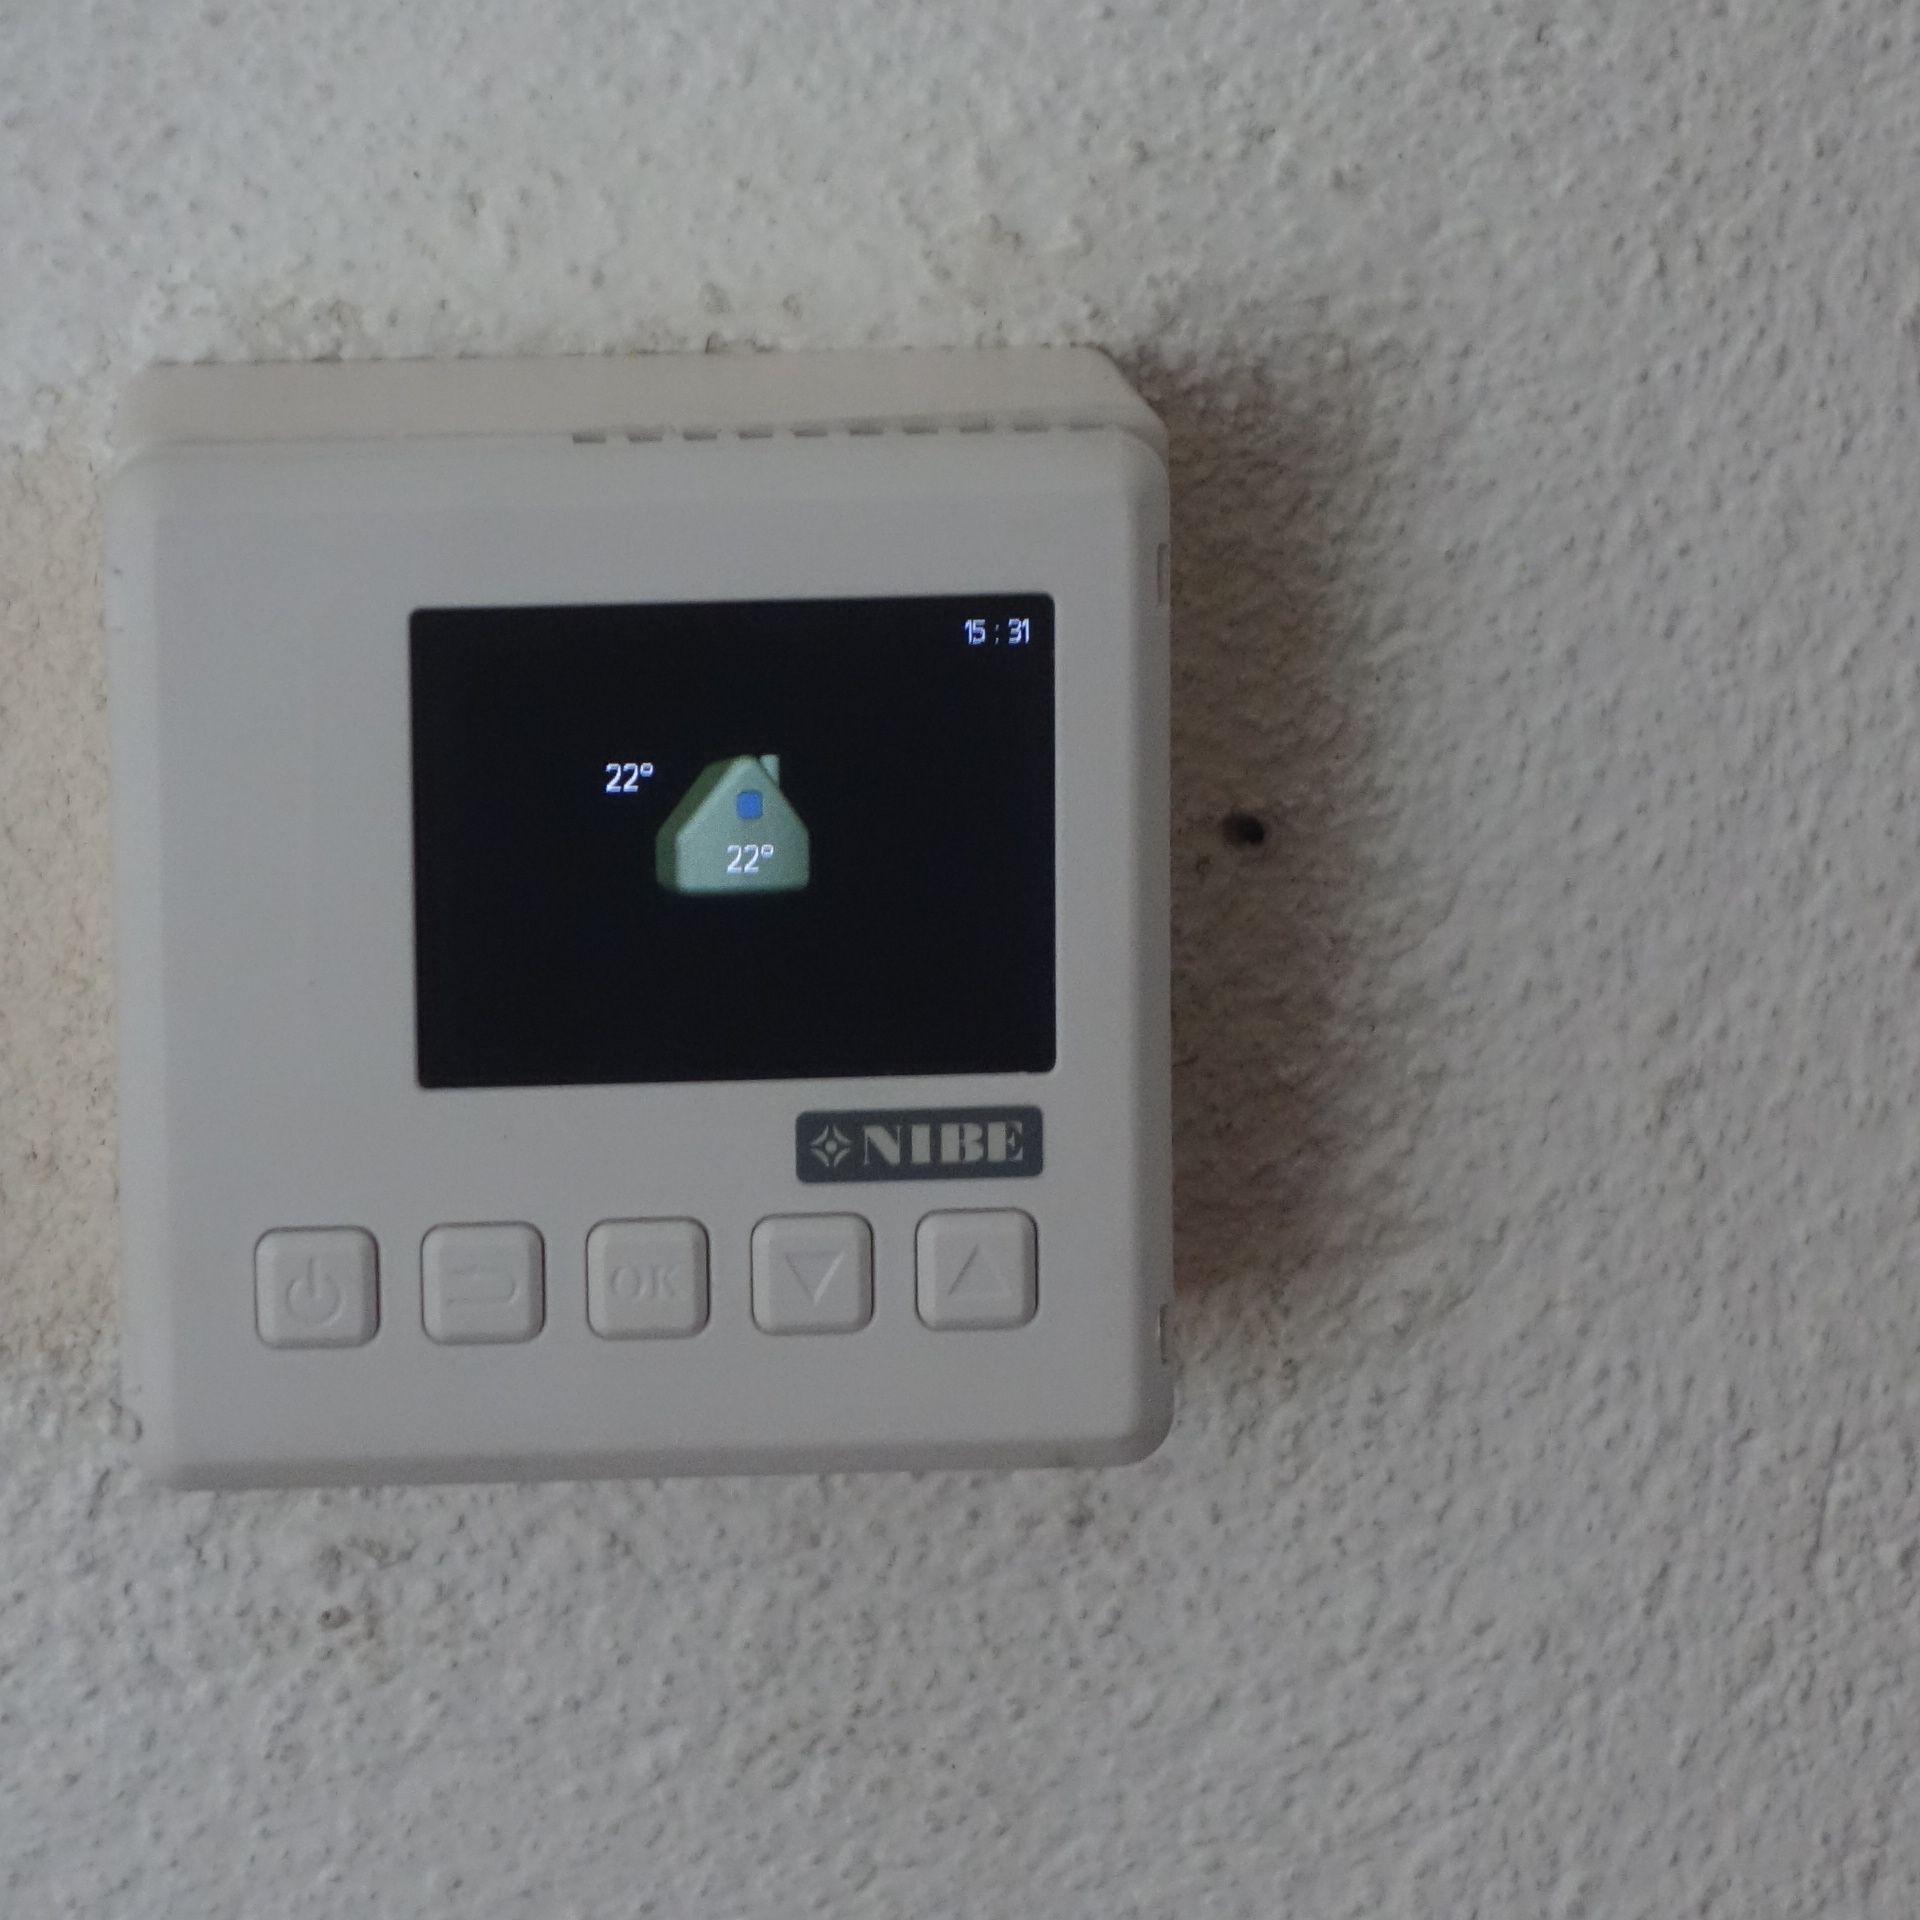 NIBE hybride warmtepomp in de praktijk. Wat opvalt is een